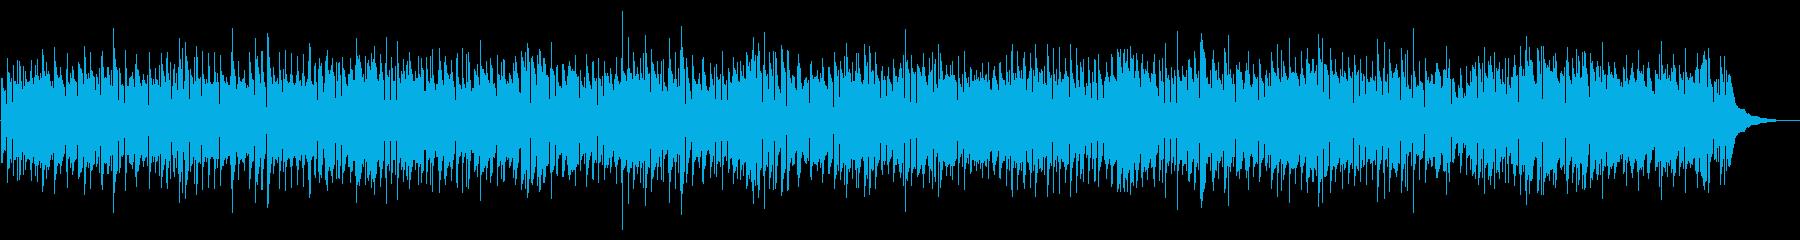 穏やかな雰囲気のフォークロックBGMの再生済みの波形